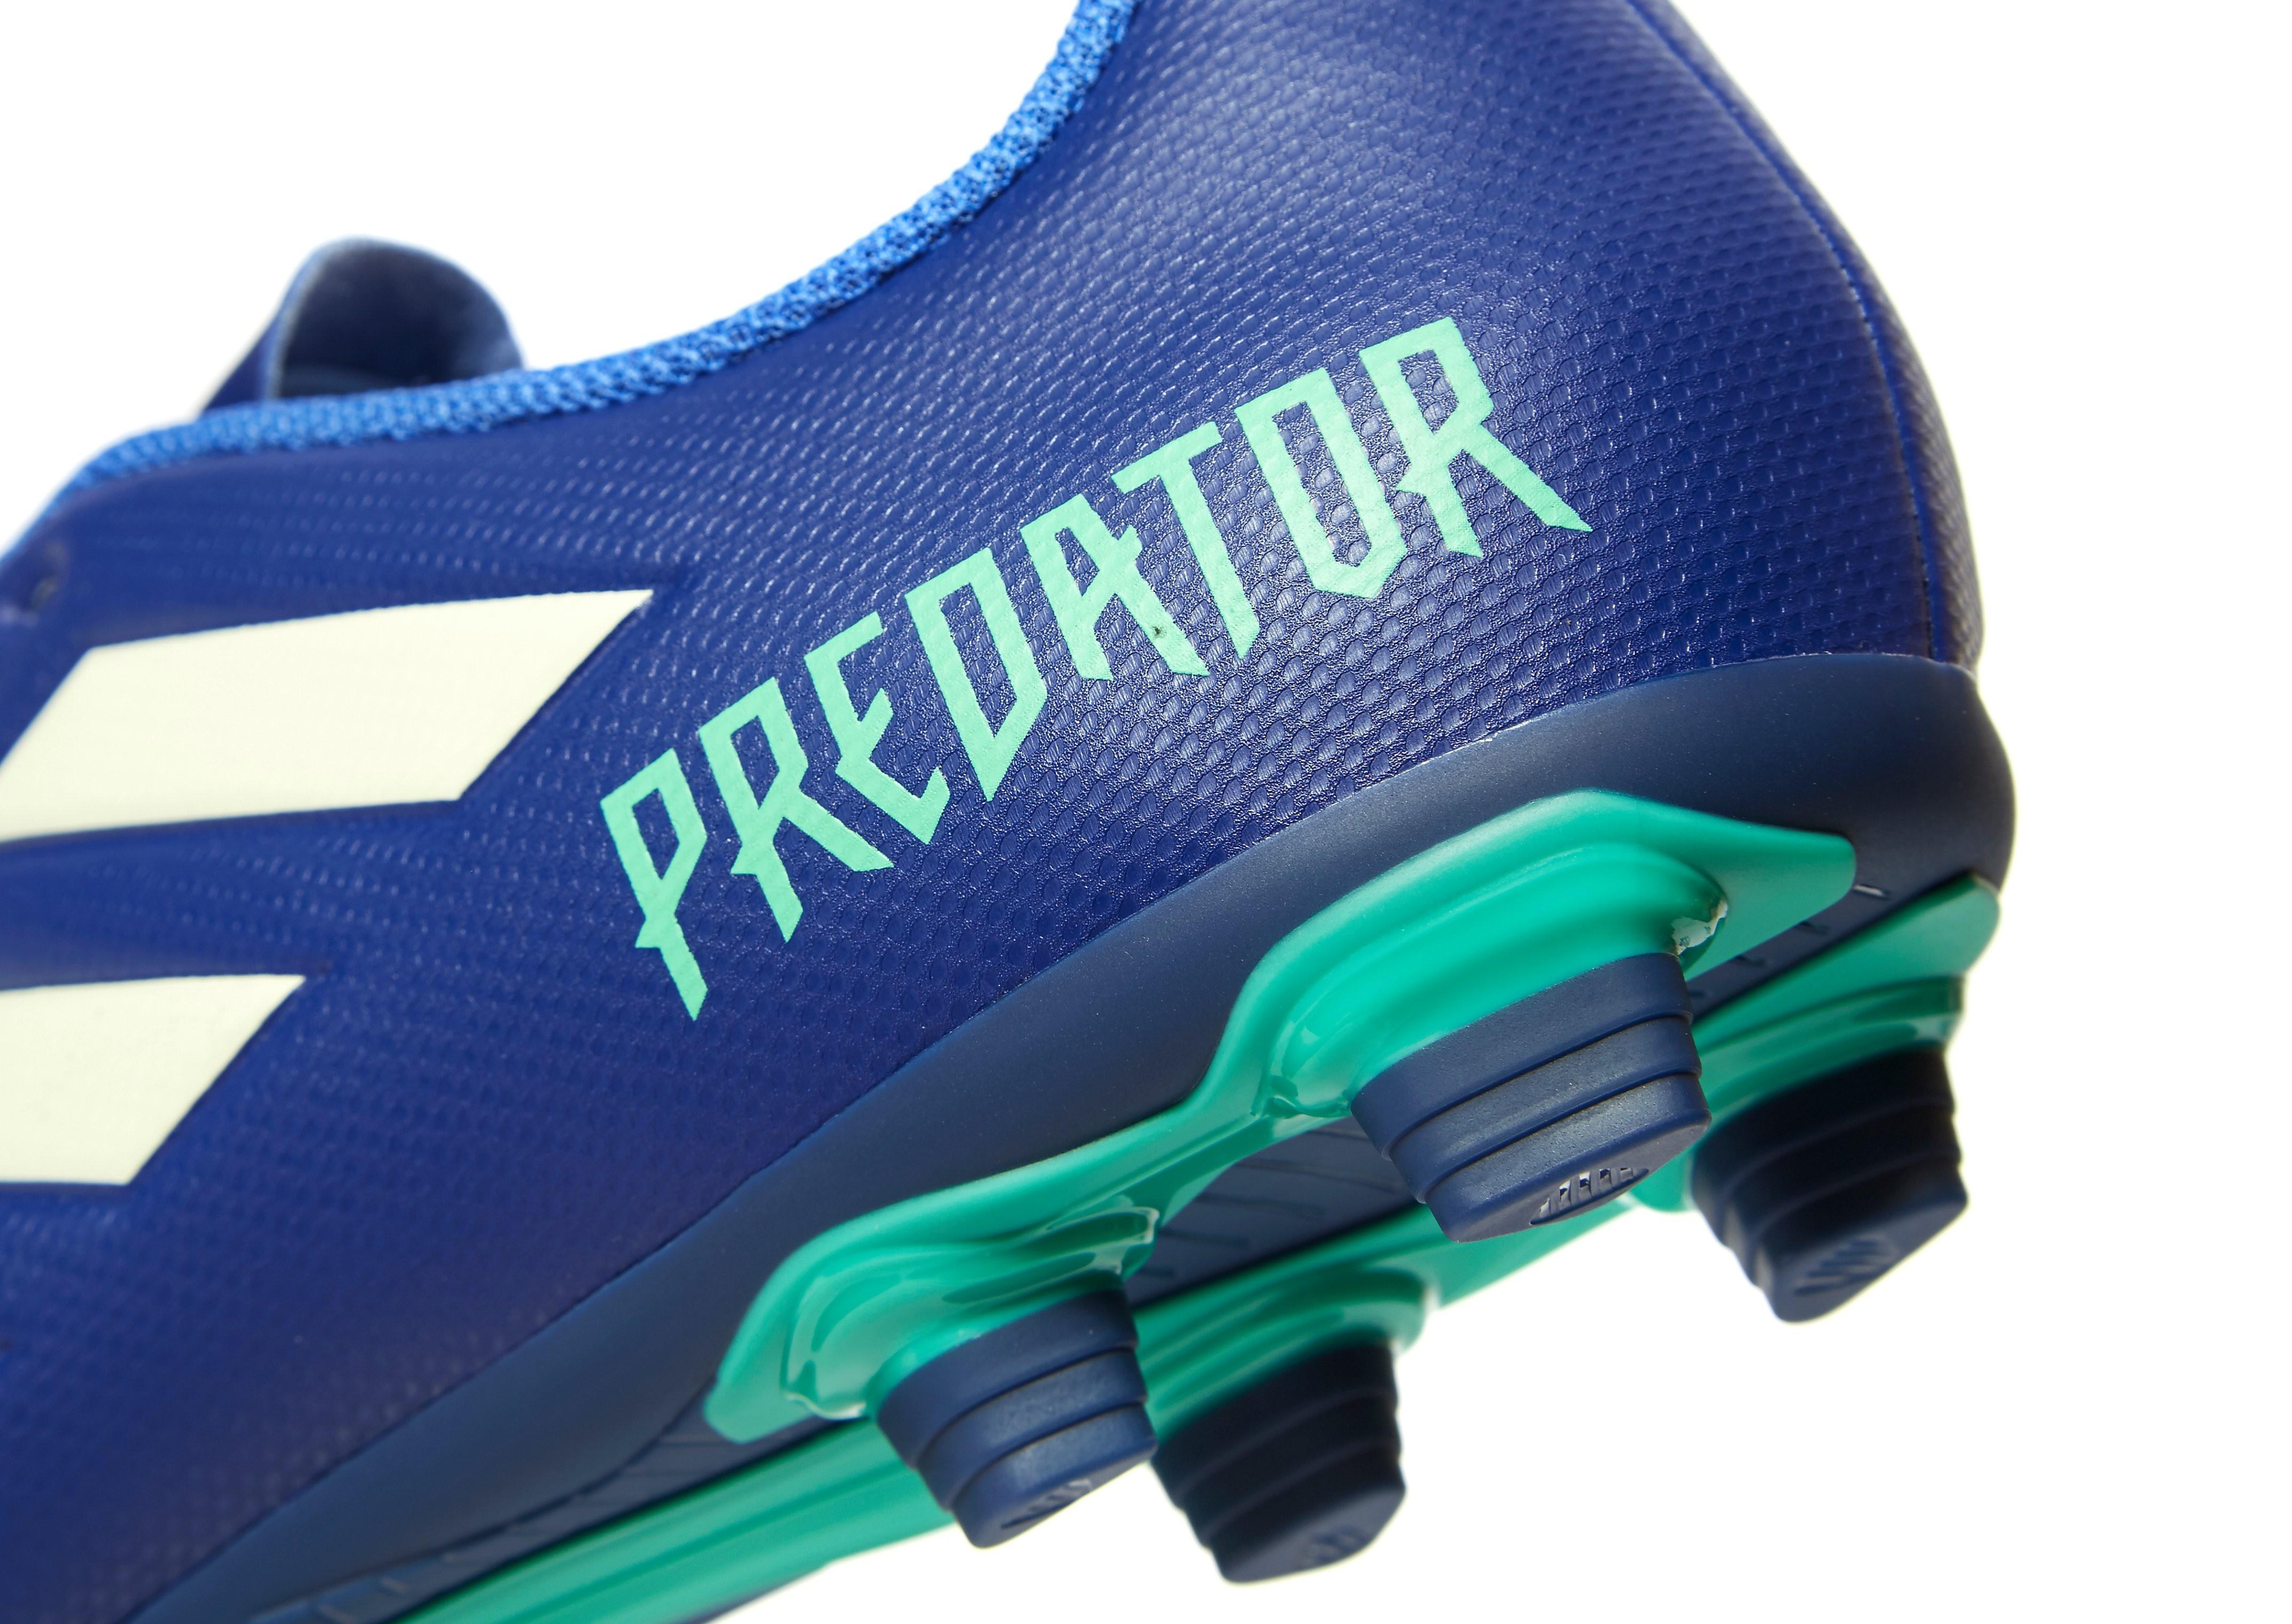 adidas 46156 Deadly Strike Predator 18.4 FG